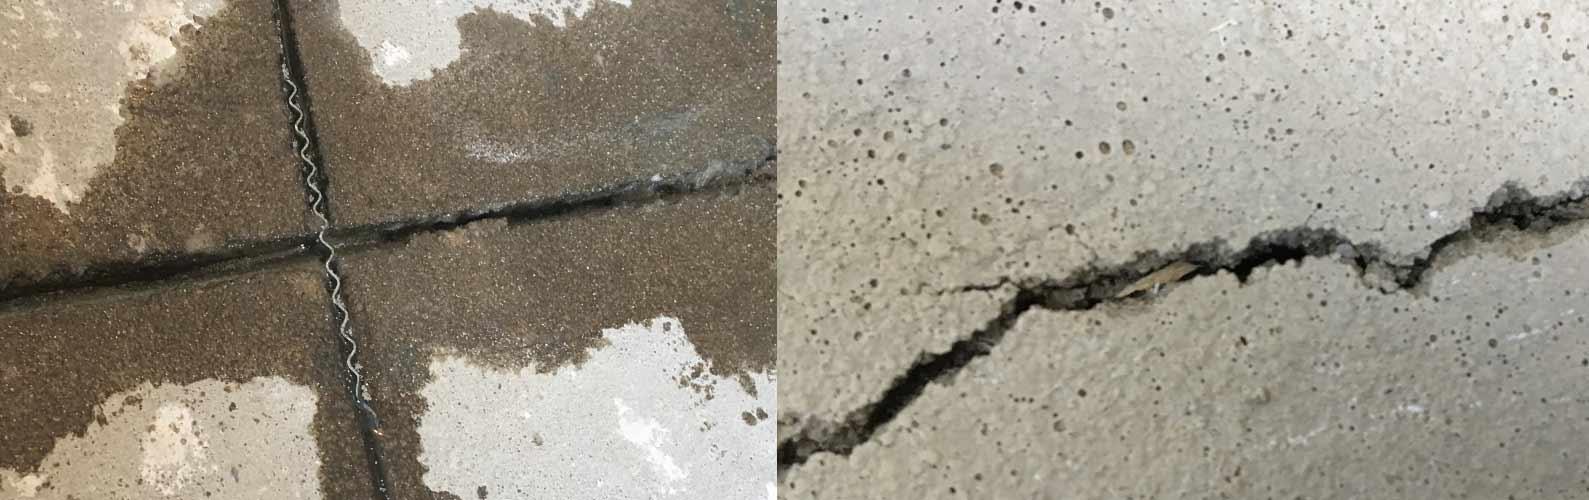 Untergrund Bearbeitung Microzement